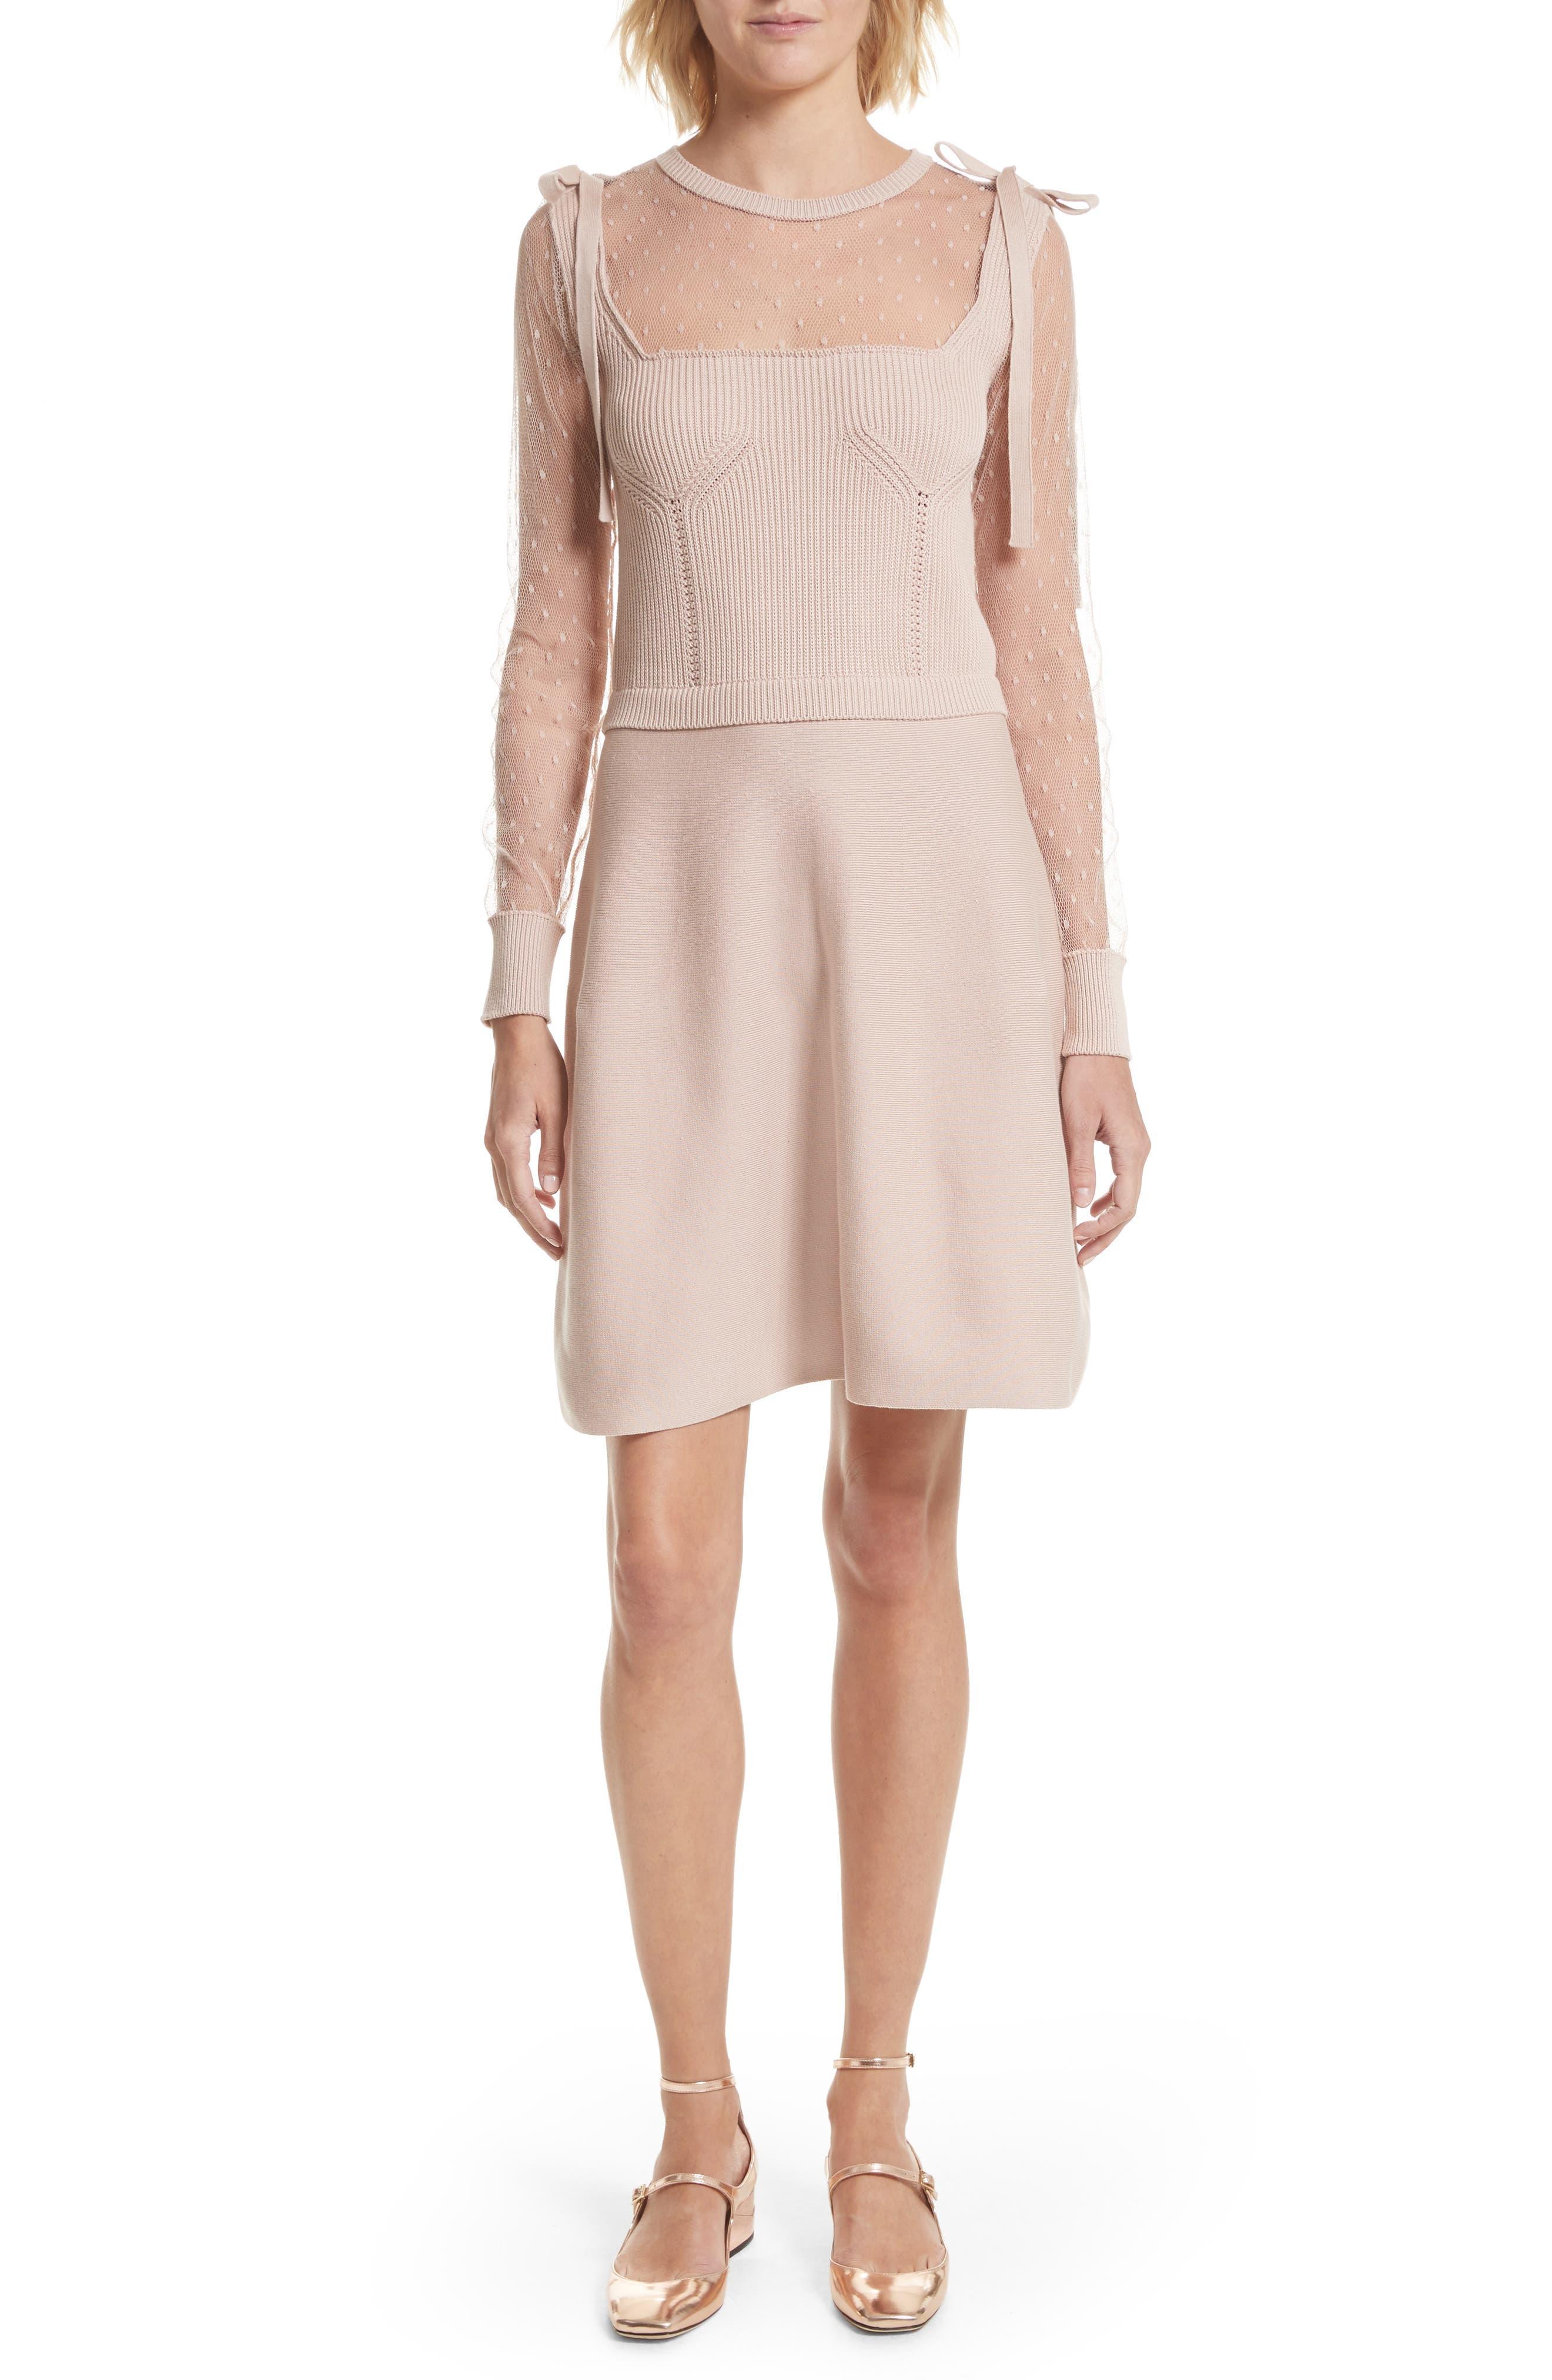 RED Valentino Point d'Esprit Cotton Dress